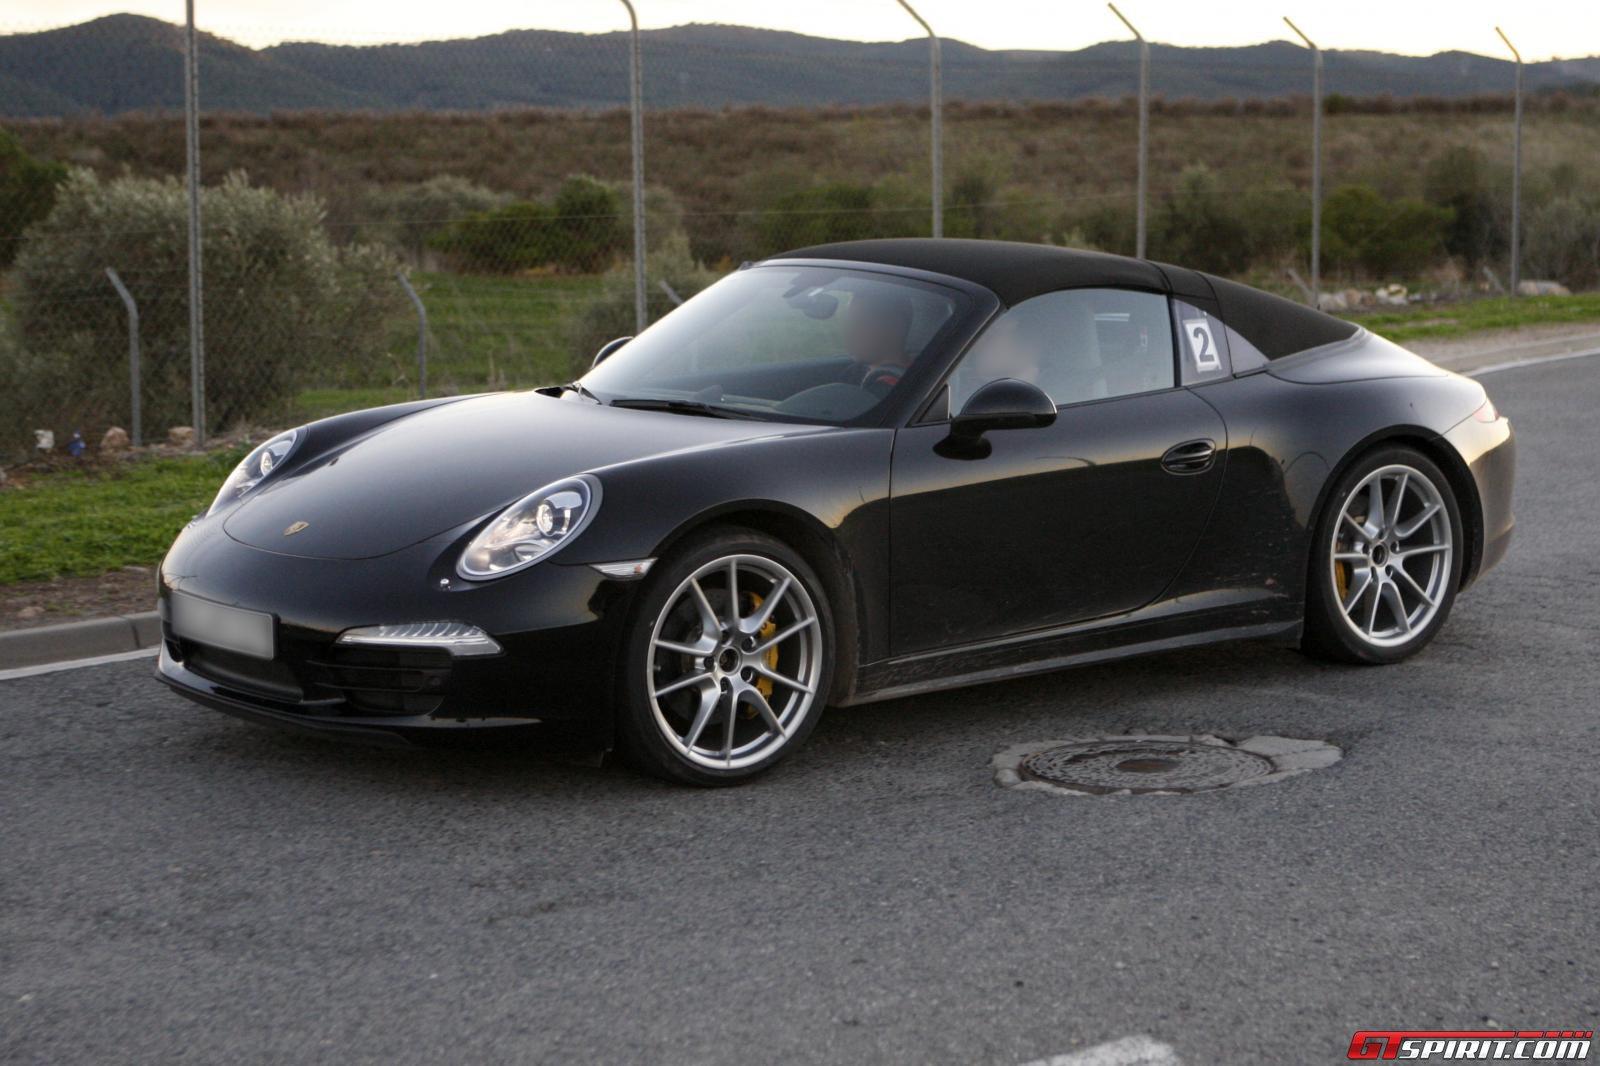 2013 Porsche 911 Targa Photo 1